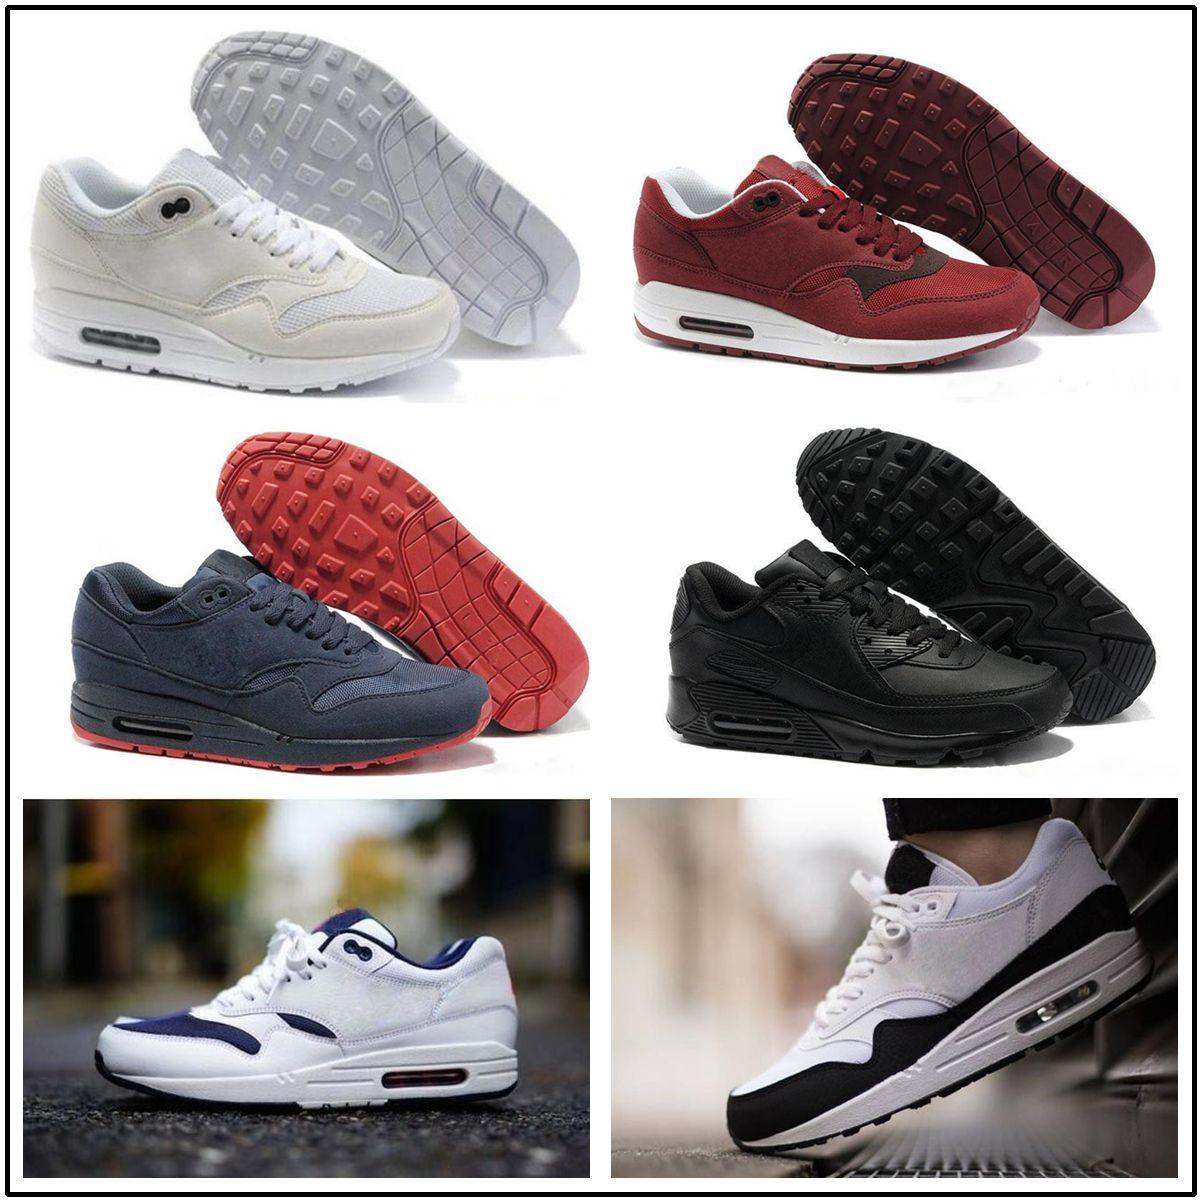 b73ad37e3ac Acheter Nike Air Max Airmax 87 90 Nouveau Arrivel Famous 87 90 Ultra 1  Éléphant Noir Effacer Jade Blanc Hommes Chaussures De Course Baskets Taille  40 45 De ...